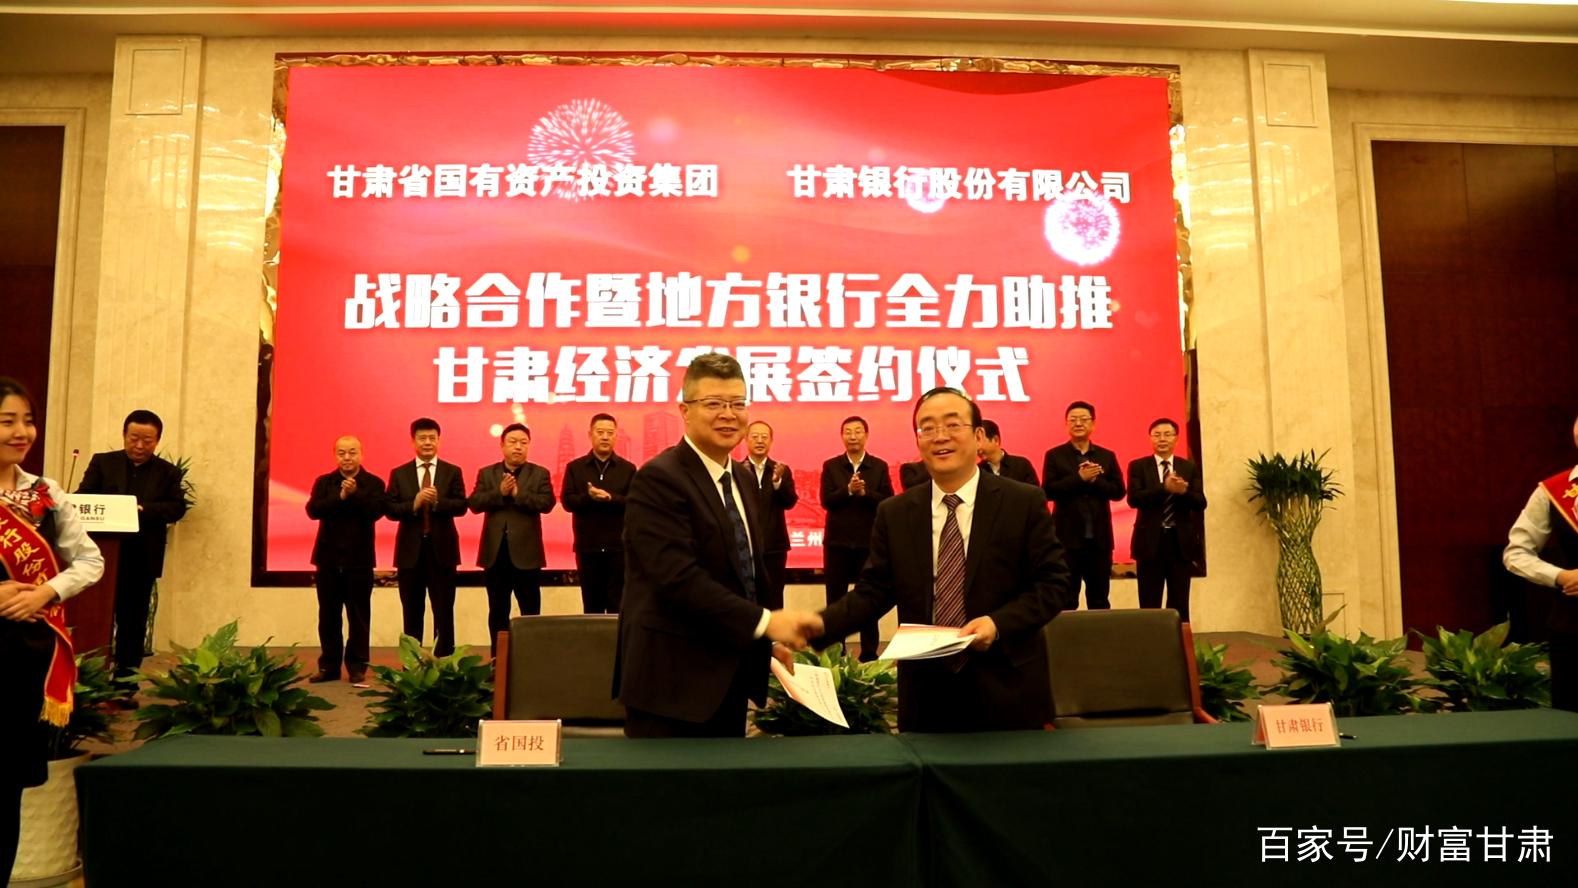 甘肃银行与甘肃省国有资产投资集团签署战略合作协议_发展